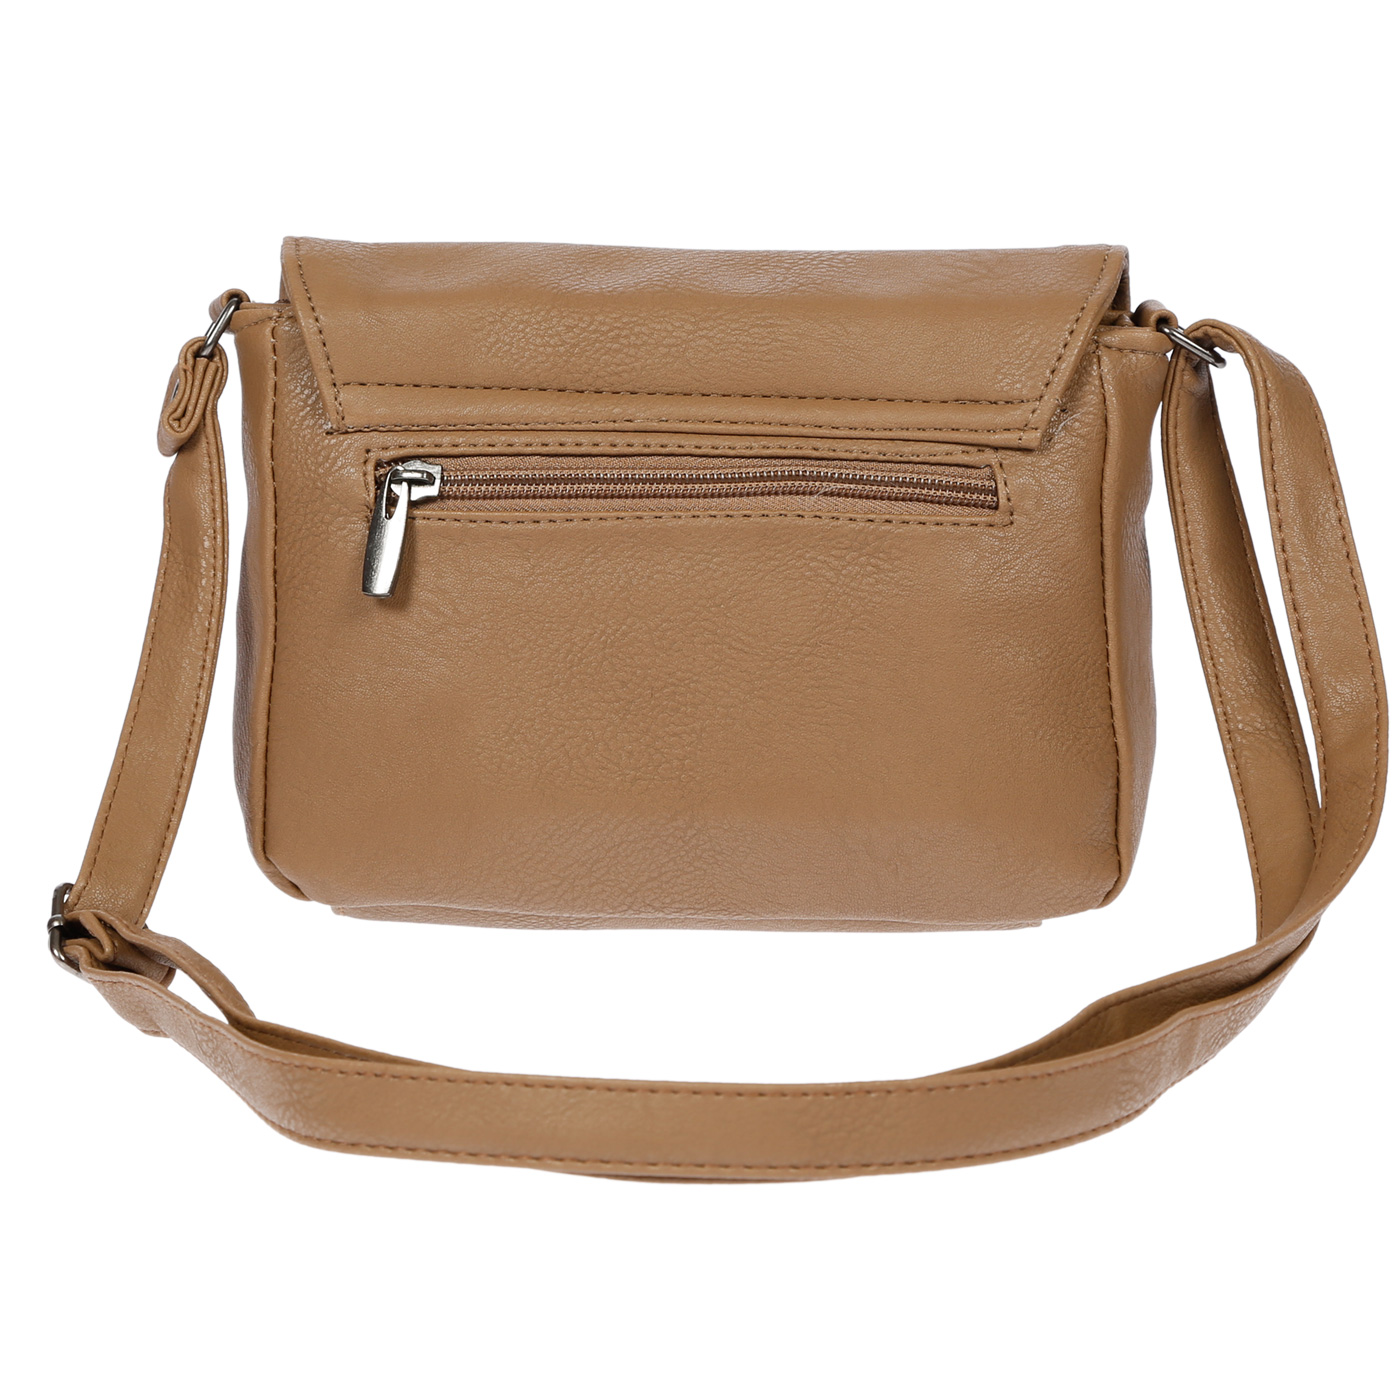 Kleine-Damen-Tasche-Umhaengetasche-Schultertasche-Crossover-Bag-Leder-Optik-NEU Indexbild 32